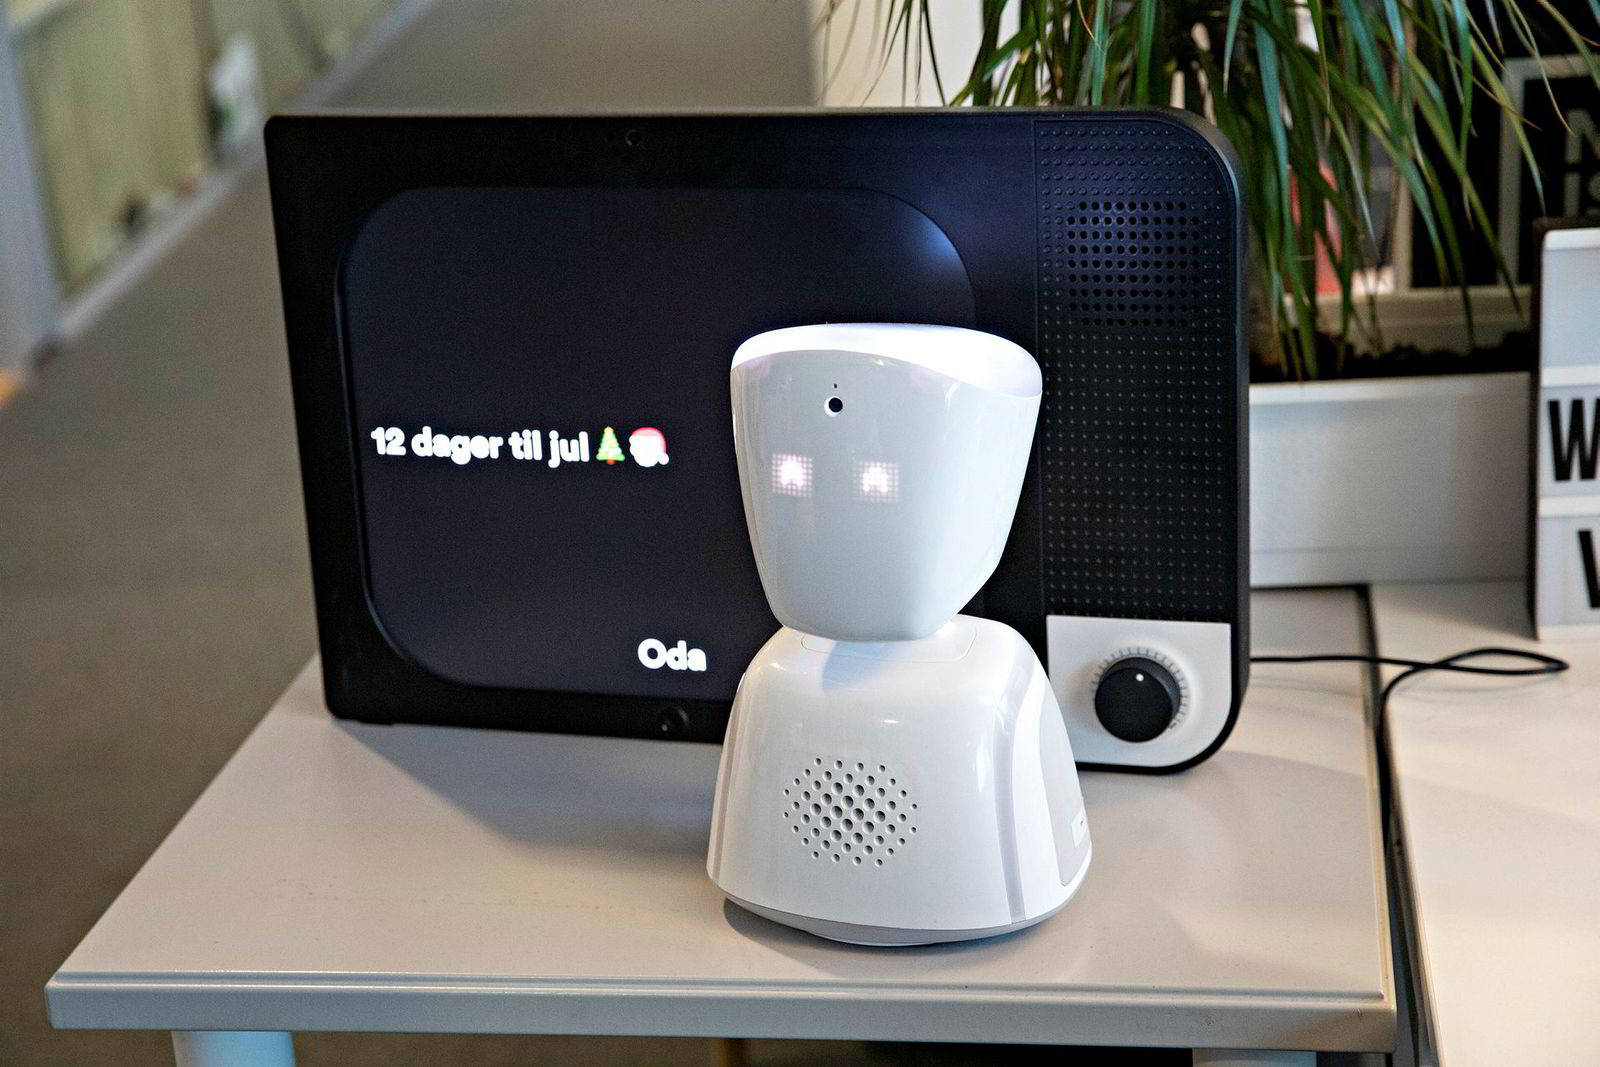 Roboten AV1 hjelper langtidssyke barn med å holde kontakten med medelever på skolen, mens skjermen Komp får seniorer på nett.